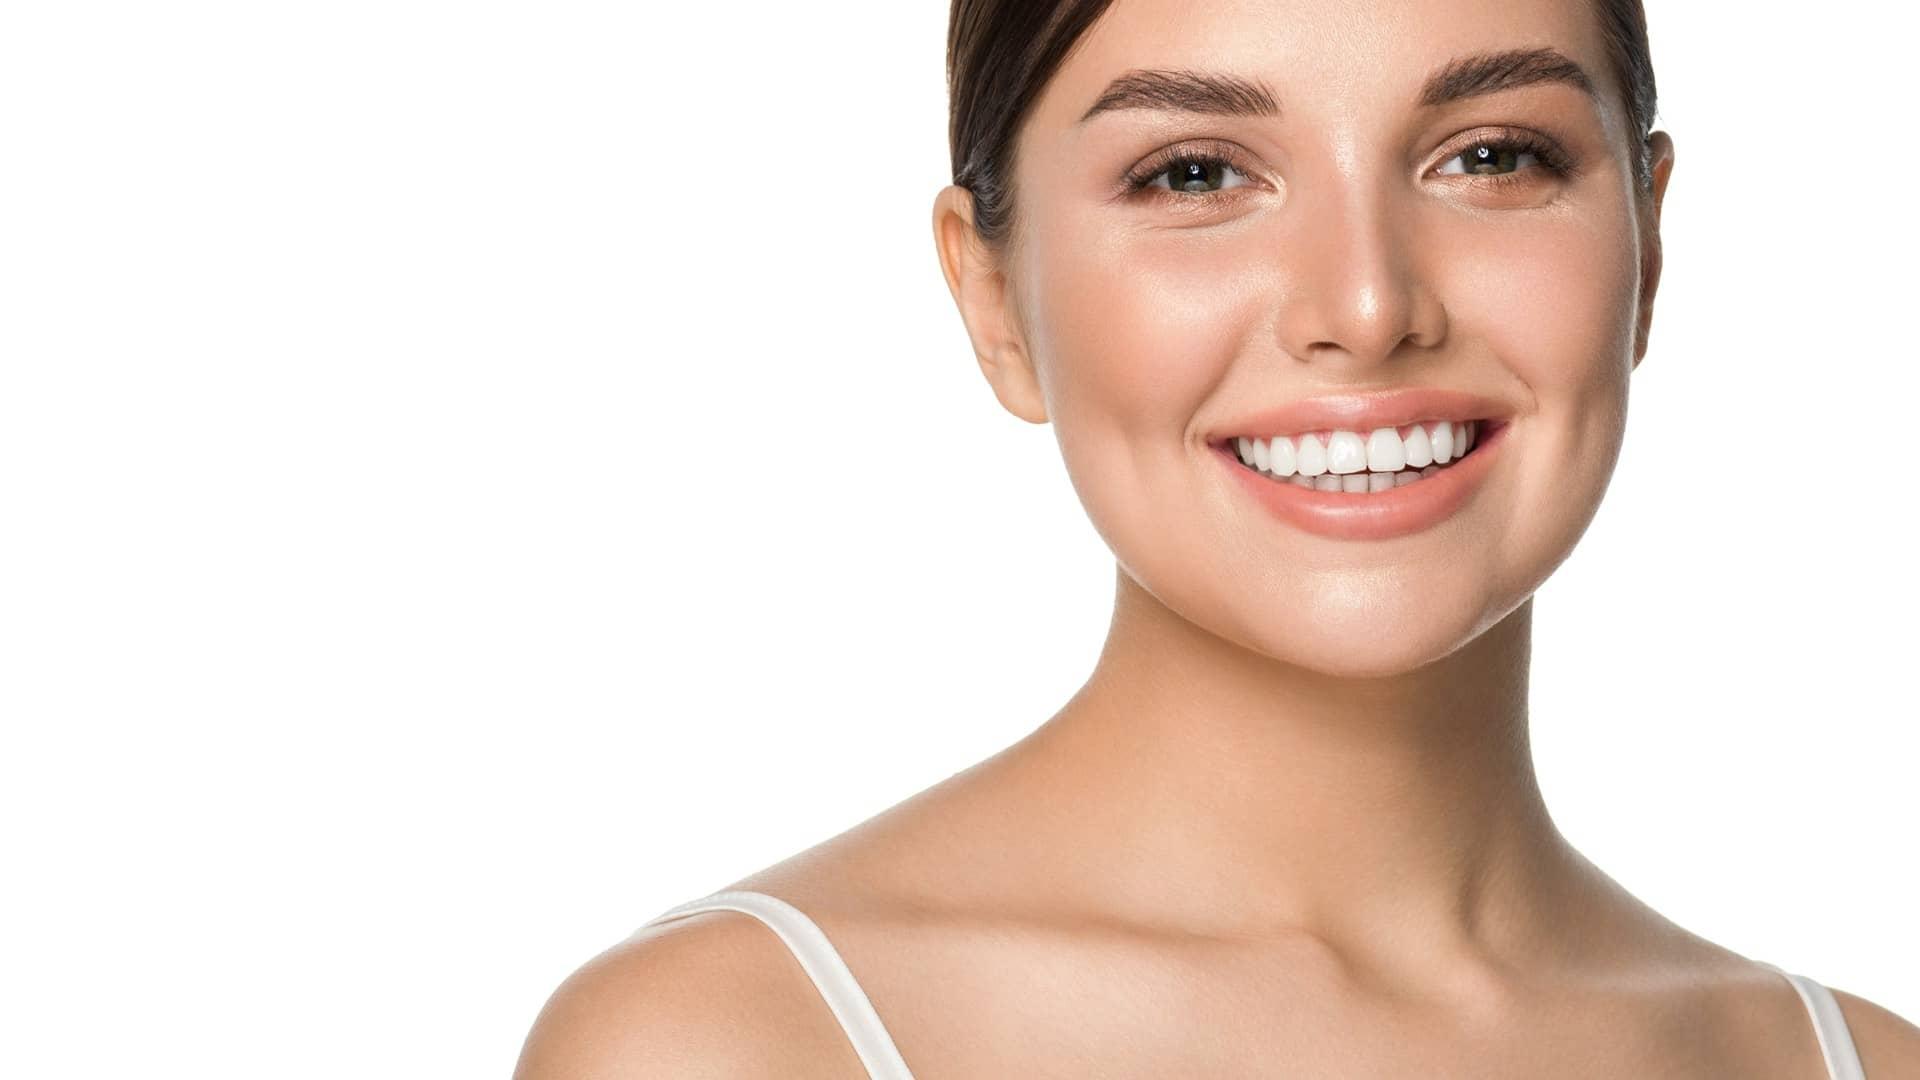 Mlada žena s bijelim zubima nakon izbjeljivanja